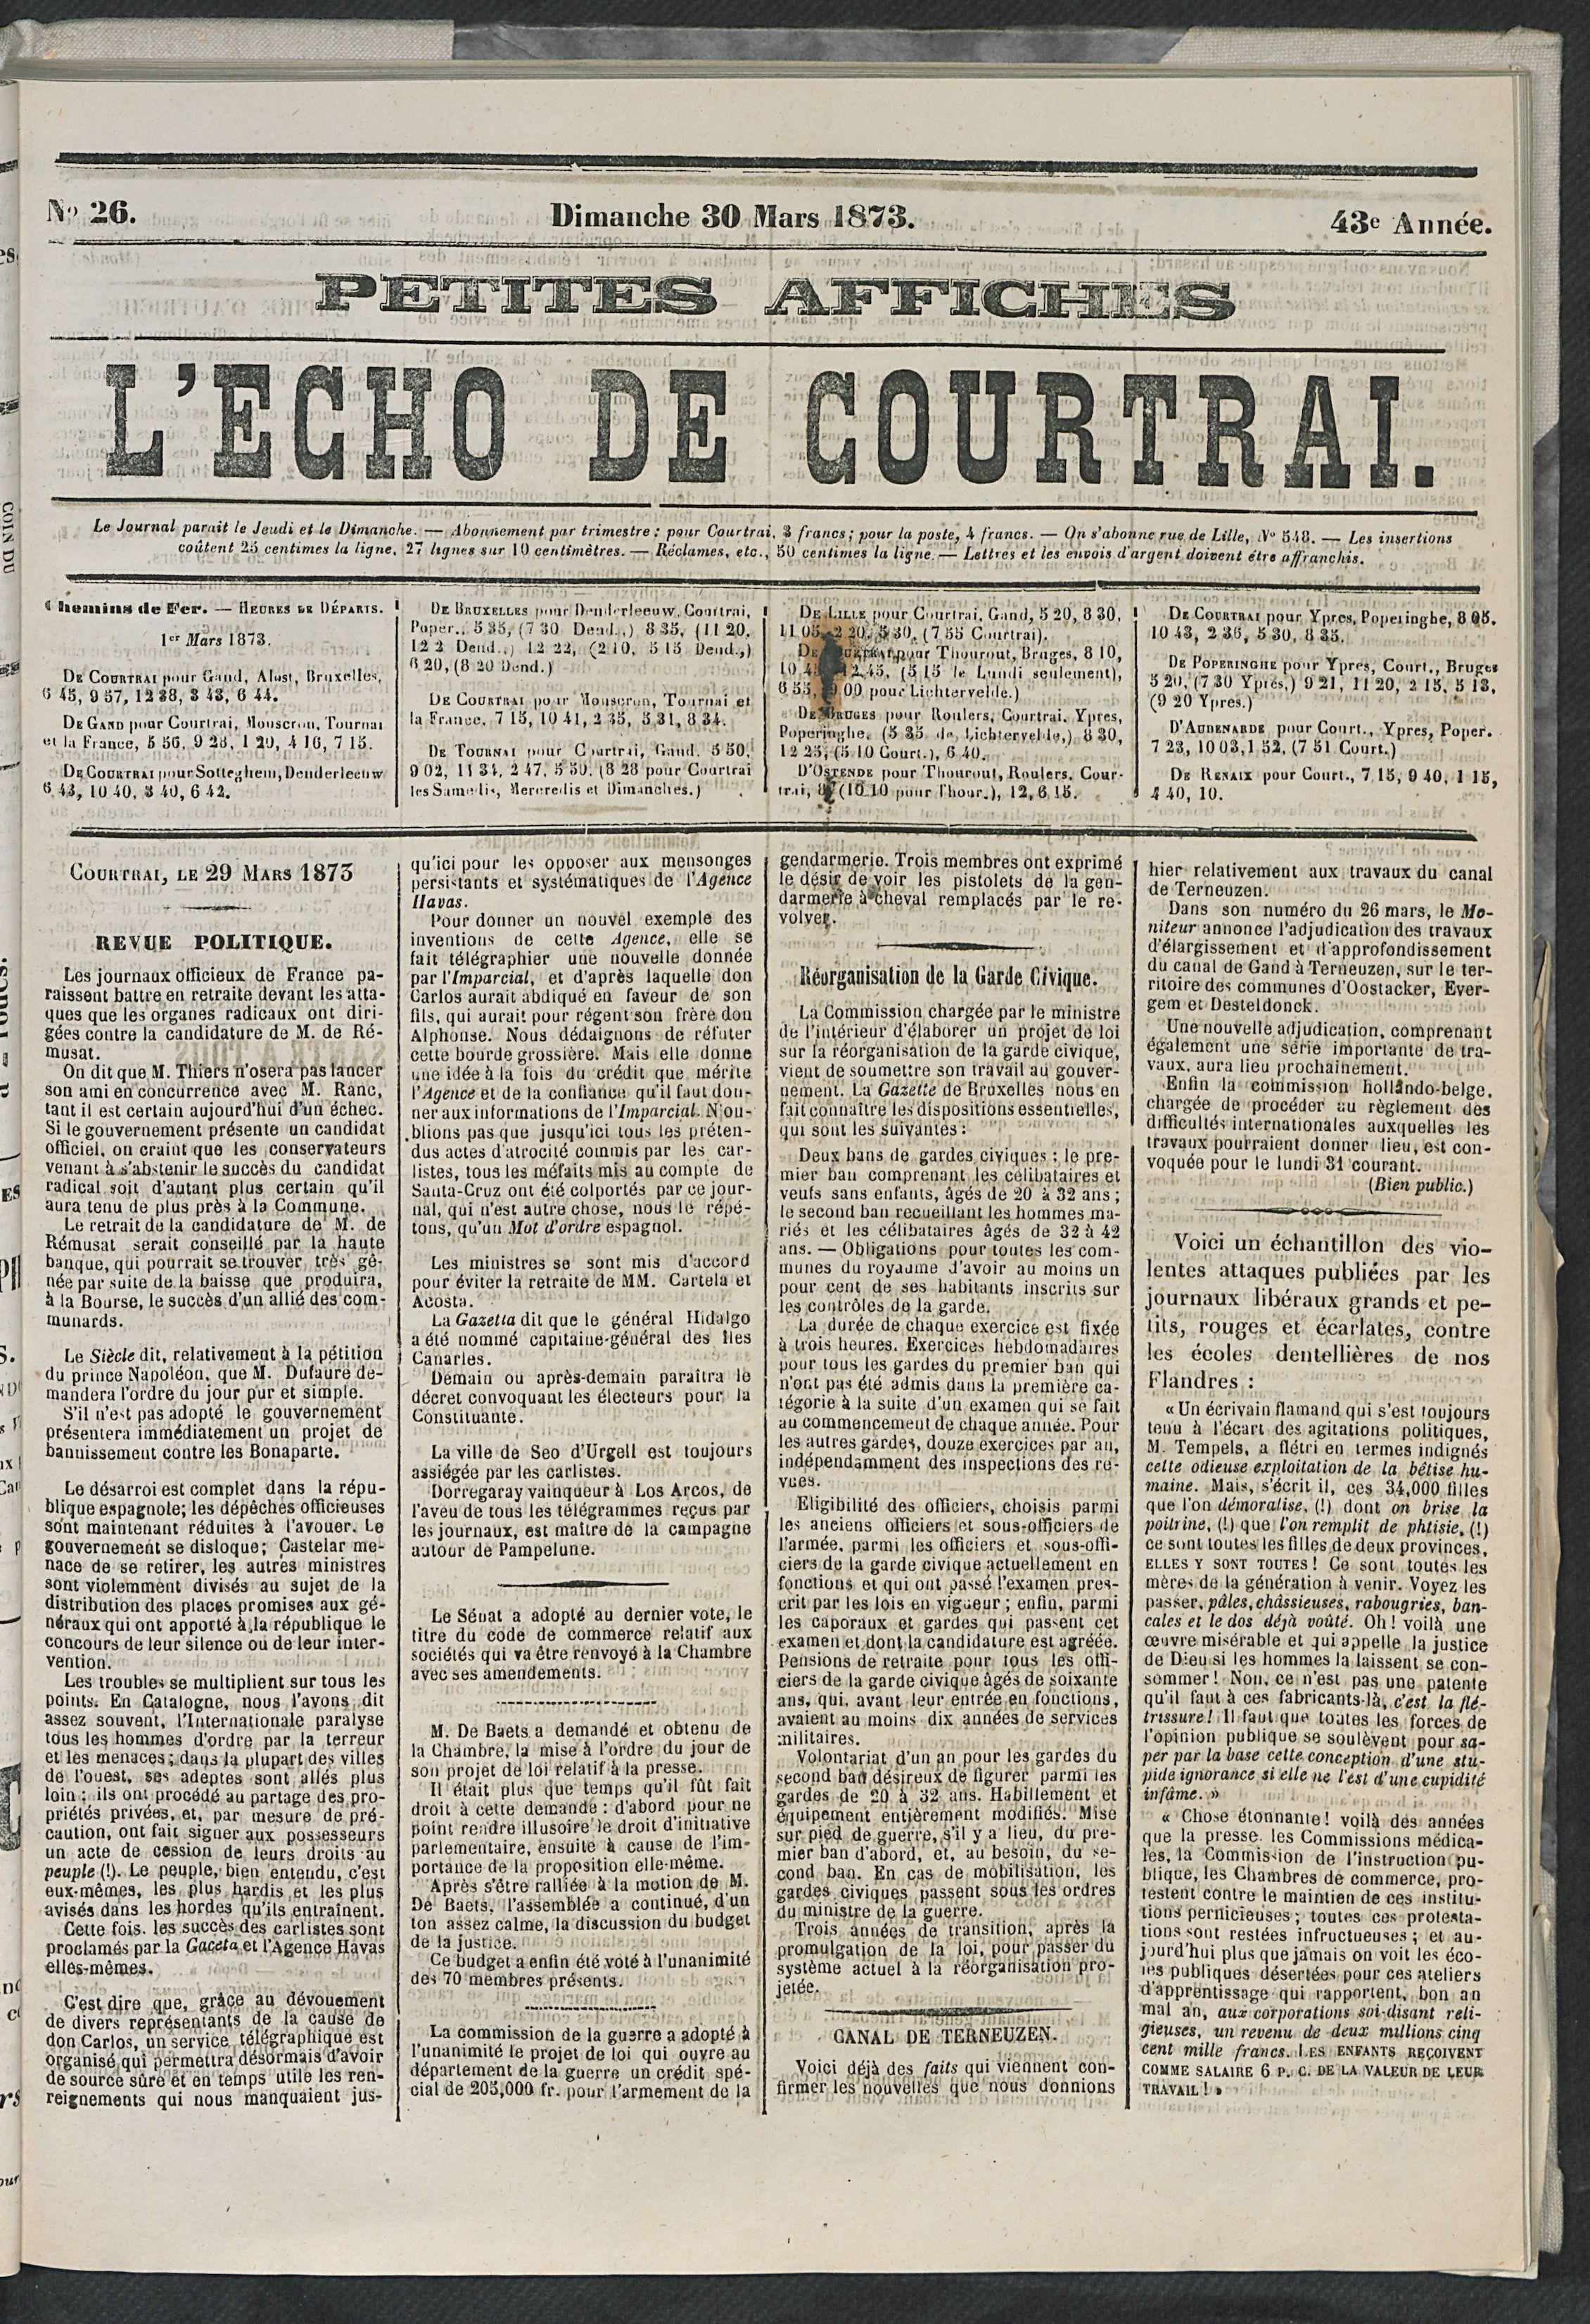 L'echo De Courtrai 1873-03-30 p1